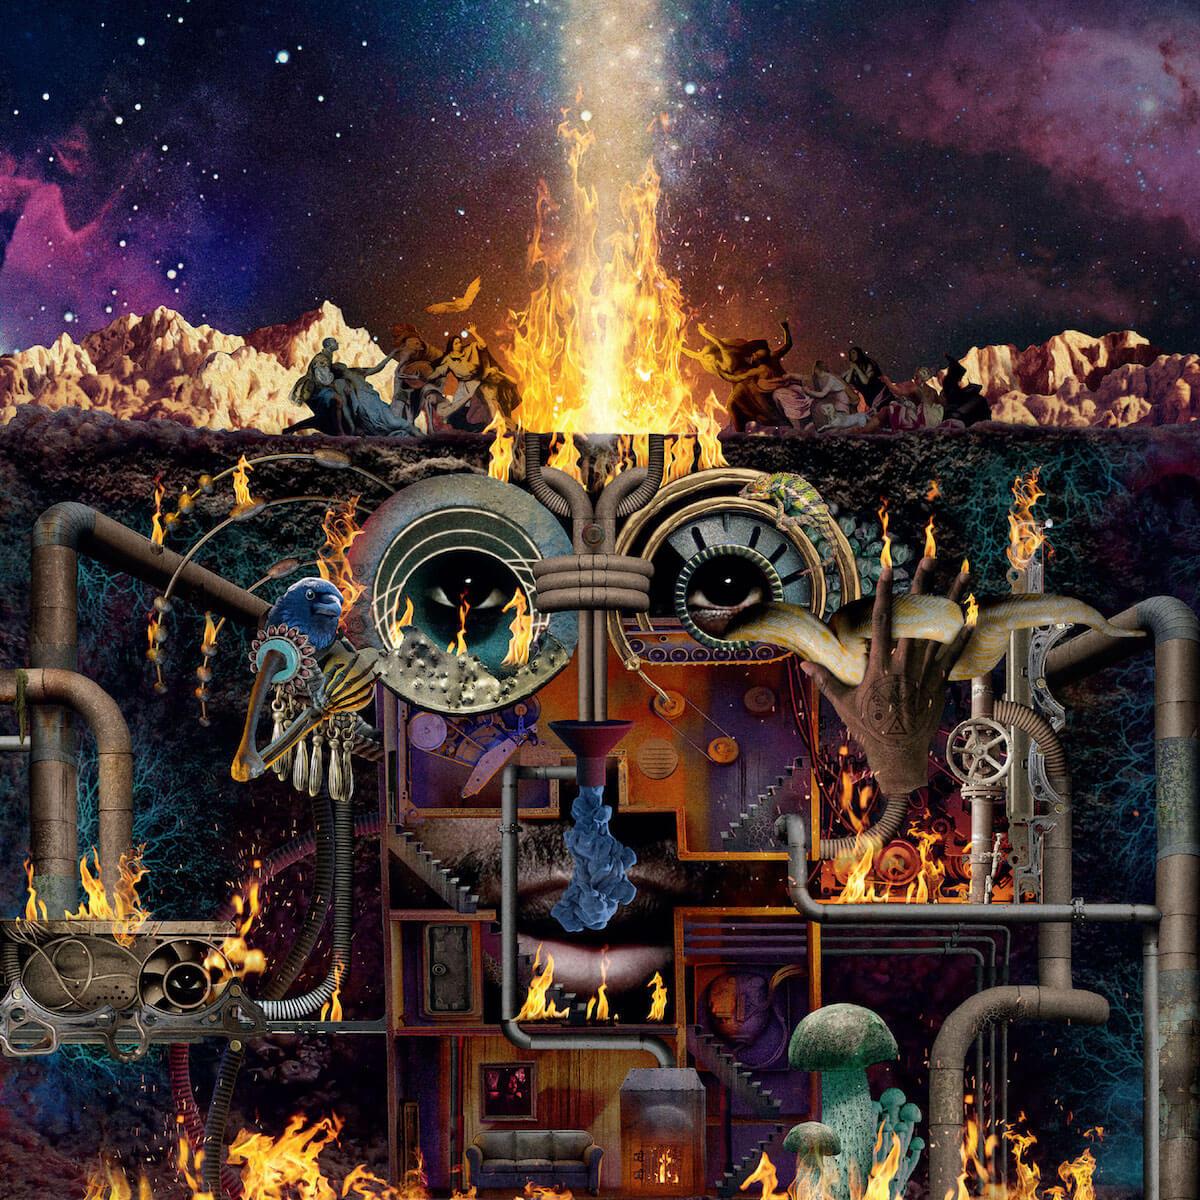 フライング・ロータスの超問題作『KUSO』が再上映決定!最新アルバム『FLAMAGRA』大ヒット記念 film190605_flyinglotus_kuso_2